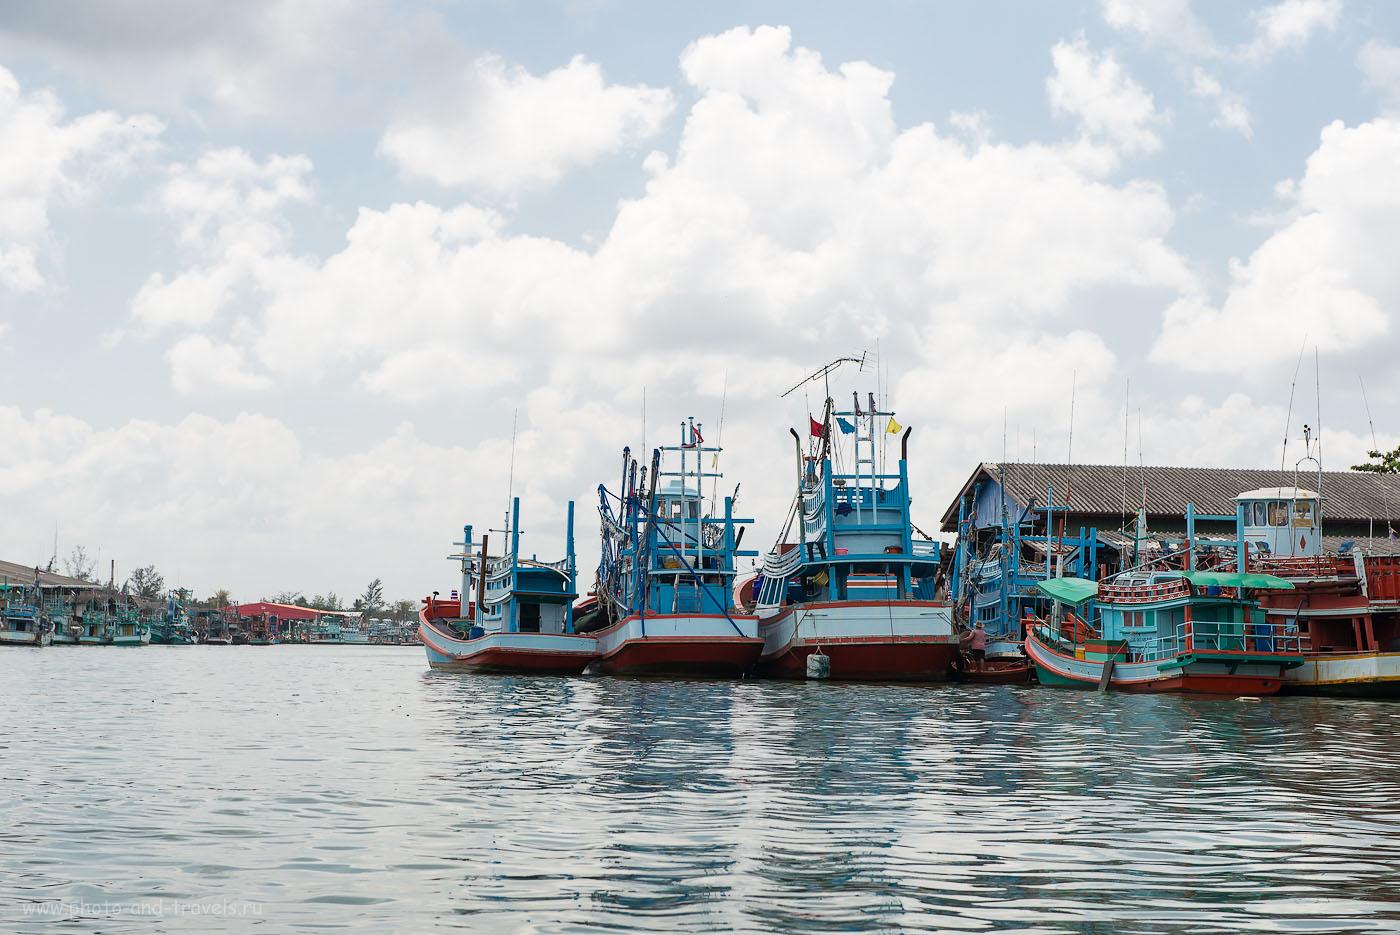 Фото 23.  Рыбацкая деревня в Таиланде. Корабли на причале ждут своего часа (320, 70, 8.0, 1/500)